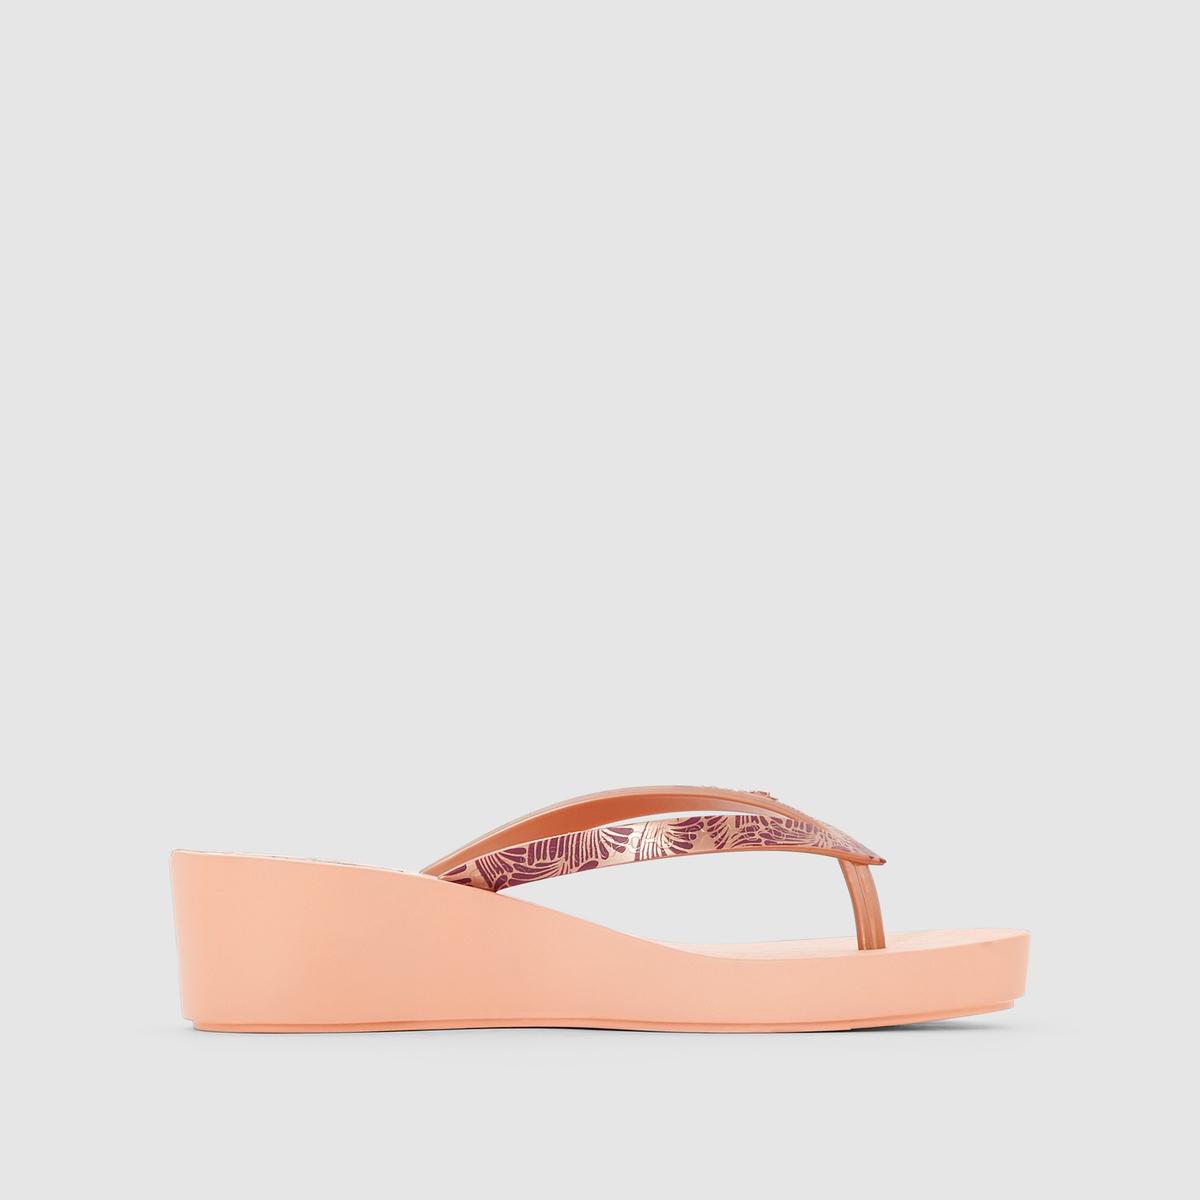 Сандалии Art Deco III FemВерх : Каучук   Стелька : Каучук   Подошва : Каучук   Форма каблука : плоский каблук.   Мысок : открытый мысок   Застежка : без застежки<br><br>Цвет: розовый